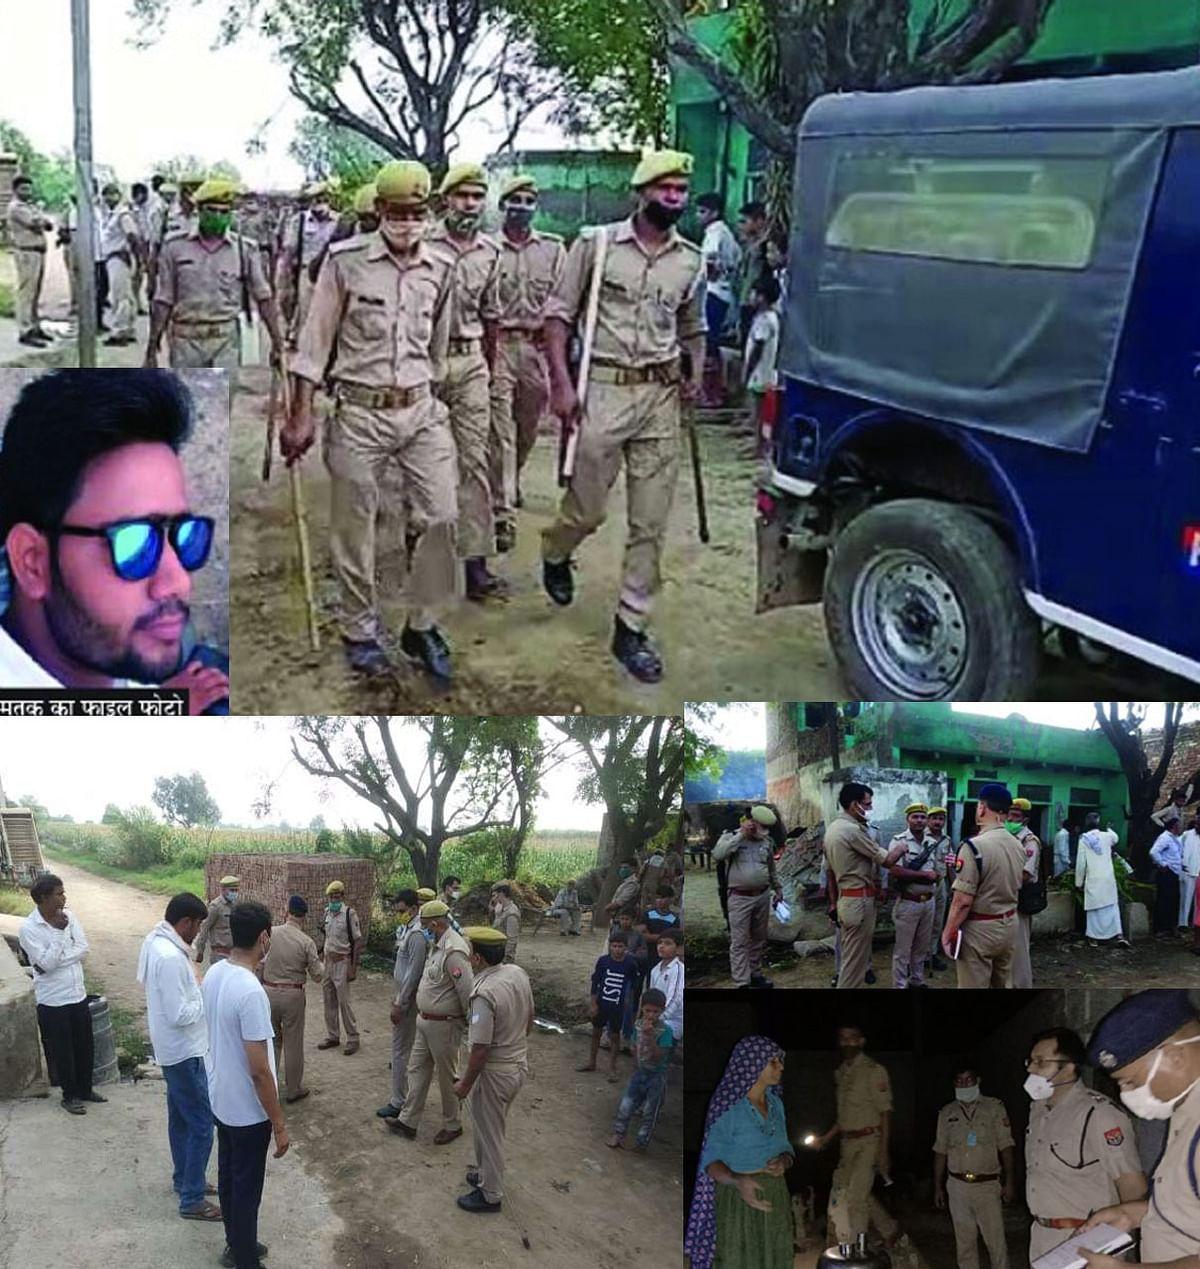 वृंदावन : भरतिया गांव में प्रेमी की हत्या के बाद दोनों गांवों में पीएसी तैनात, चार हिरासत में